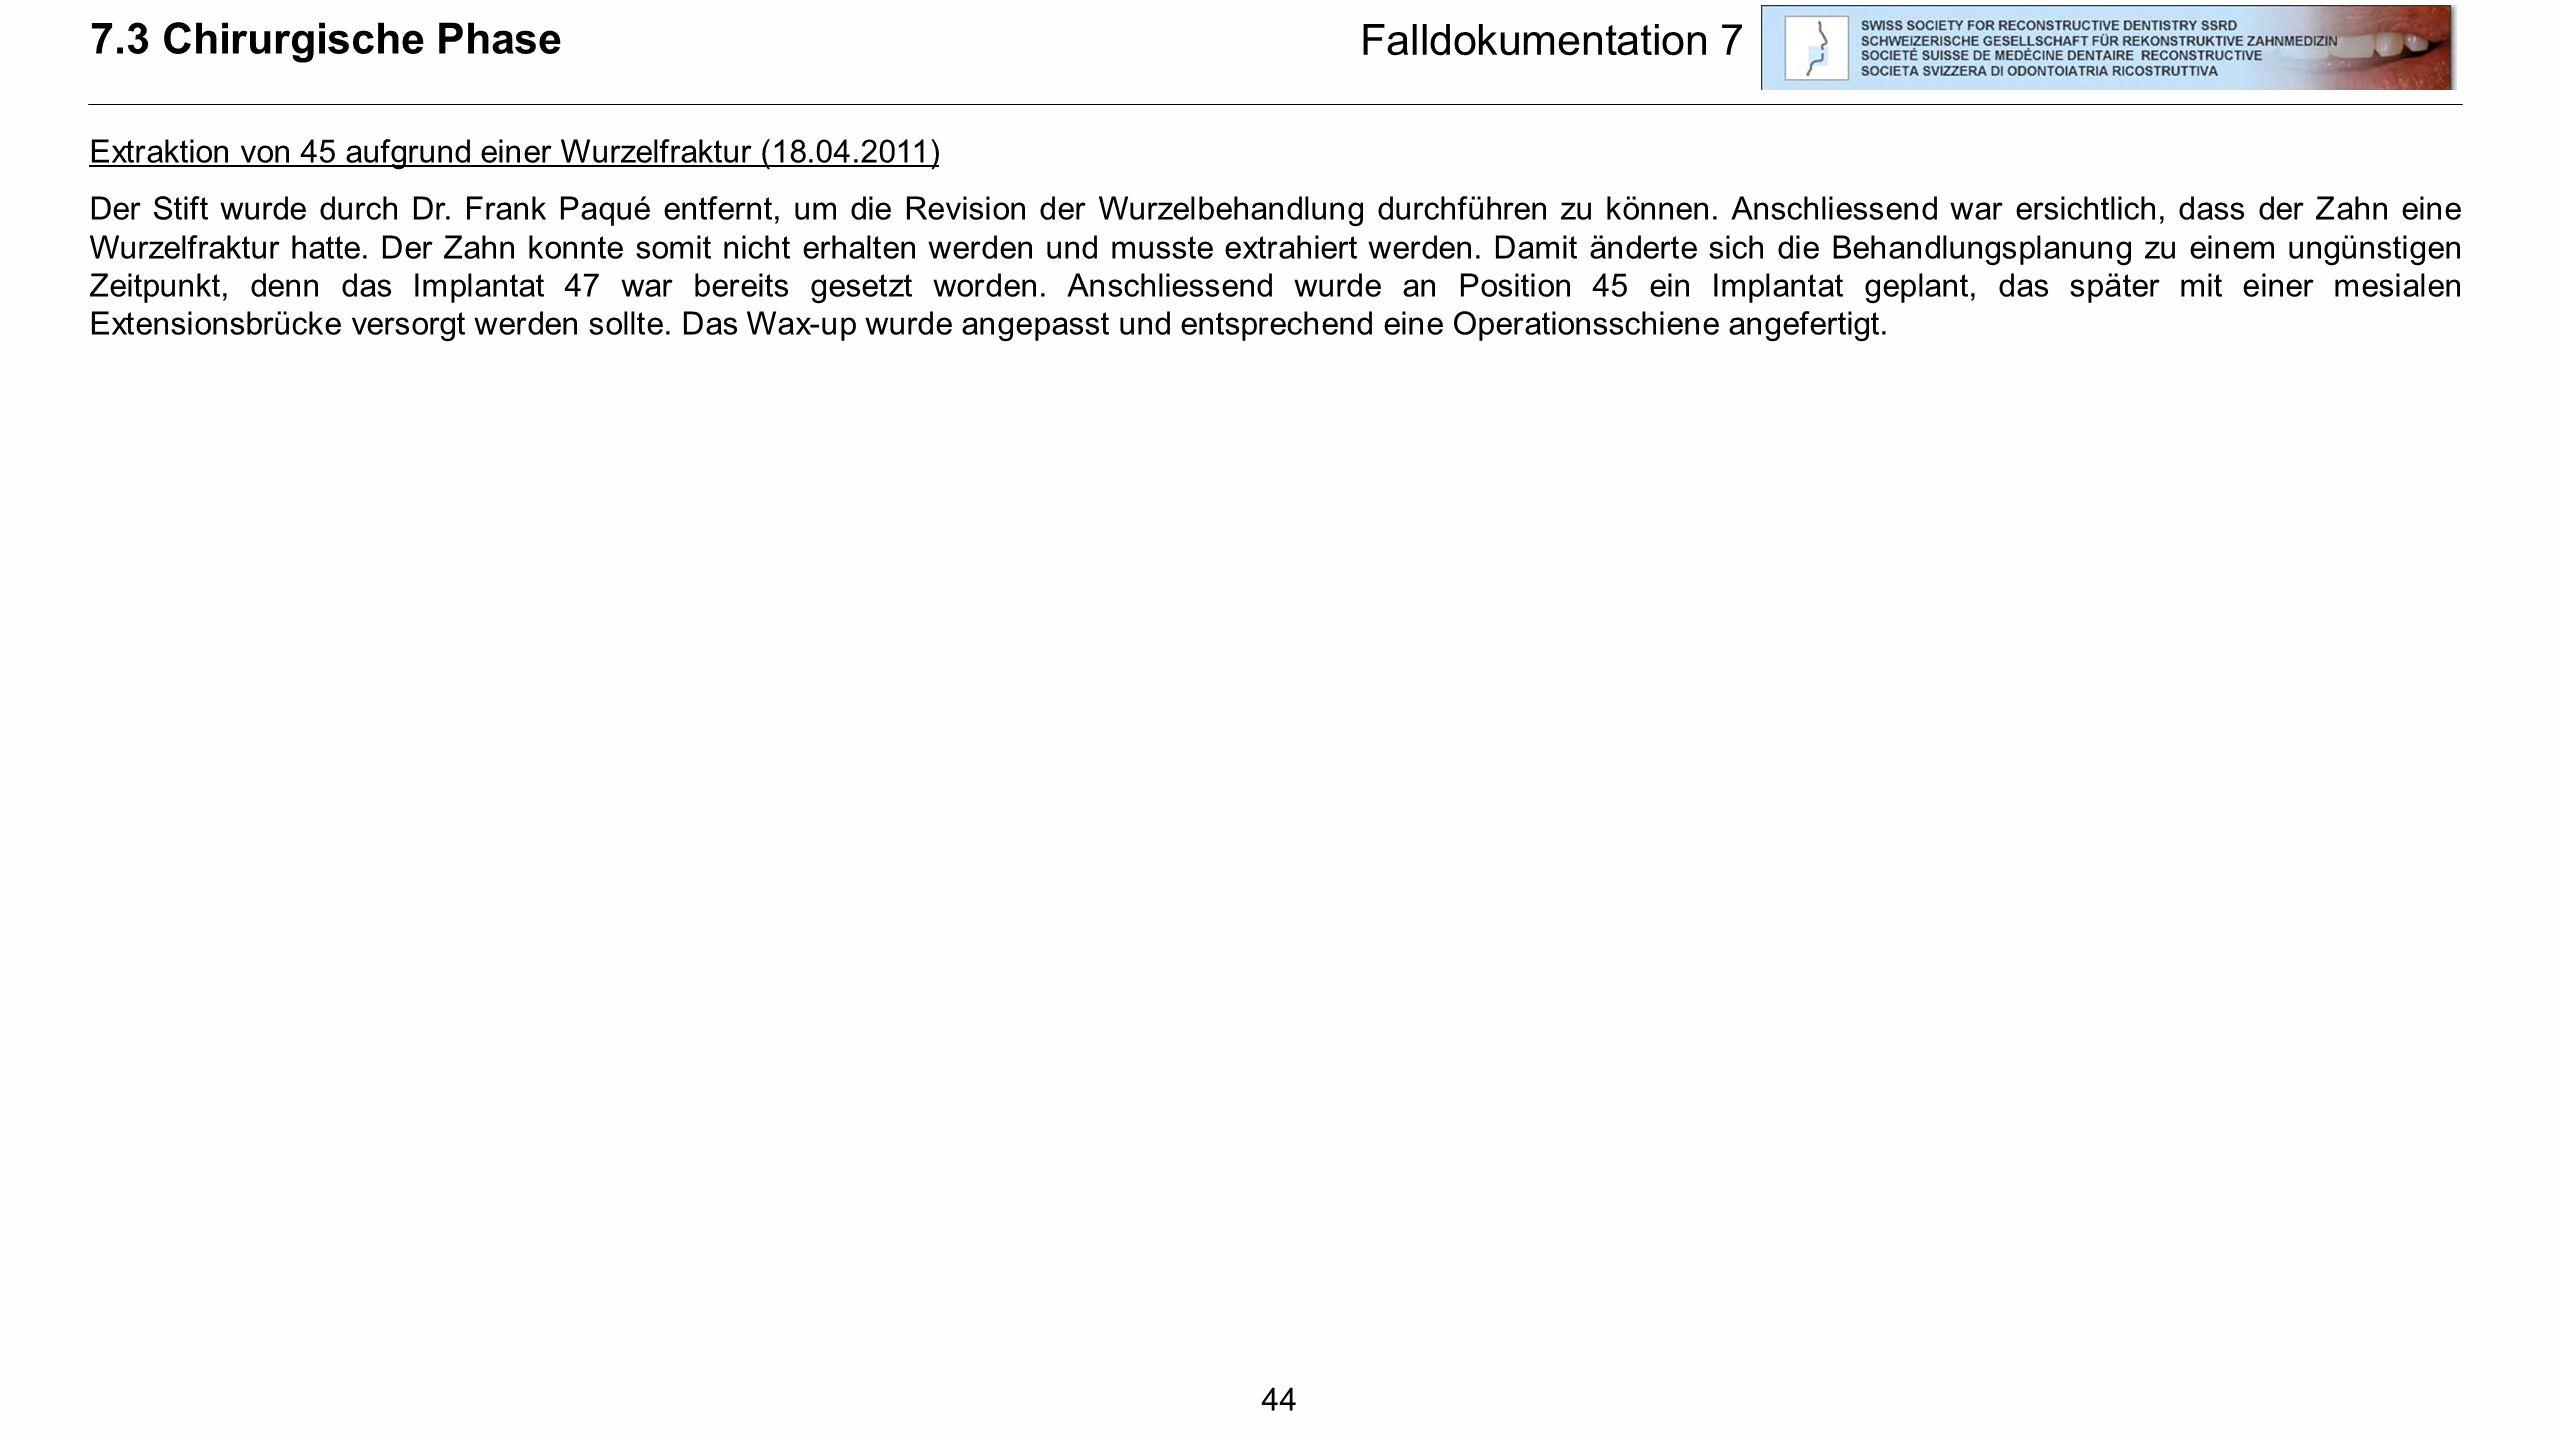 44 7.3 Chirurgische Phase Falldokumentation 7 Extraktion von 45 aufgrund einer Wurzelfraktur (18.04.2011) Der Stift wurde durch Dr. Frank Paqué entfer